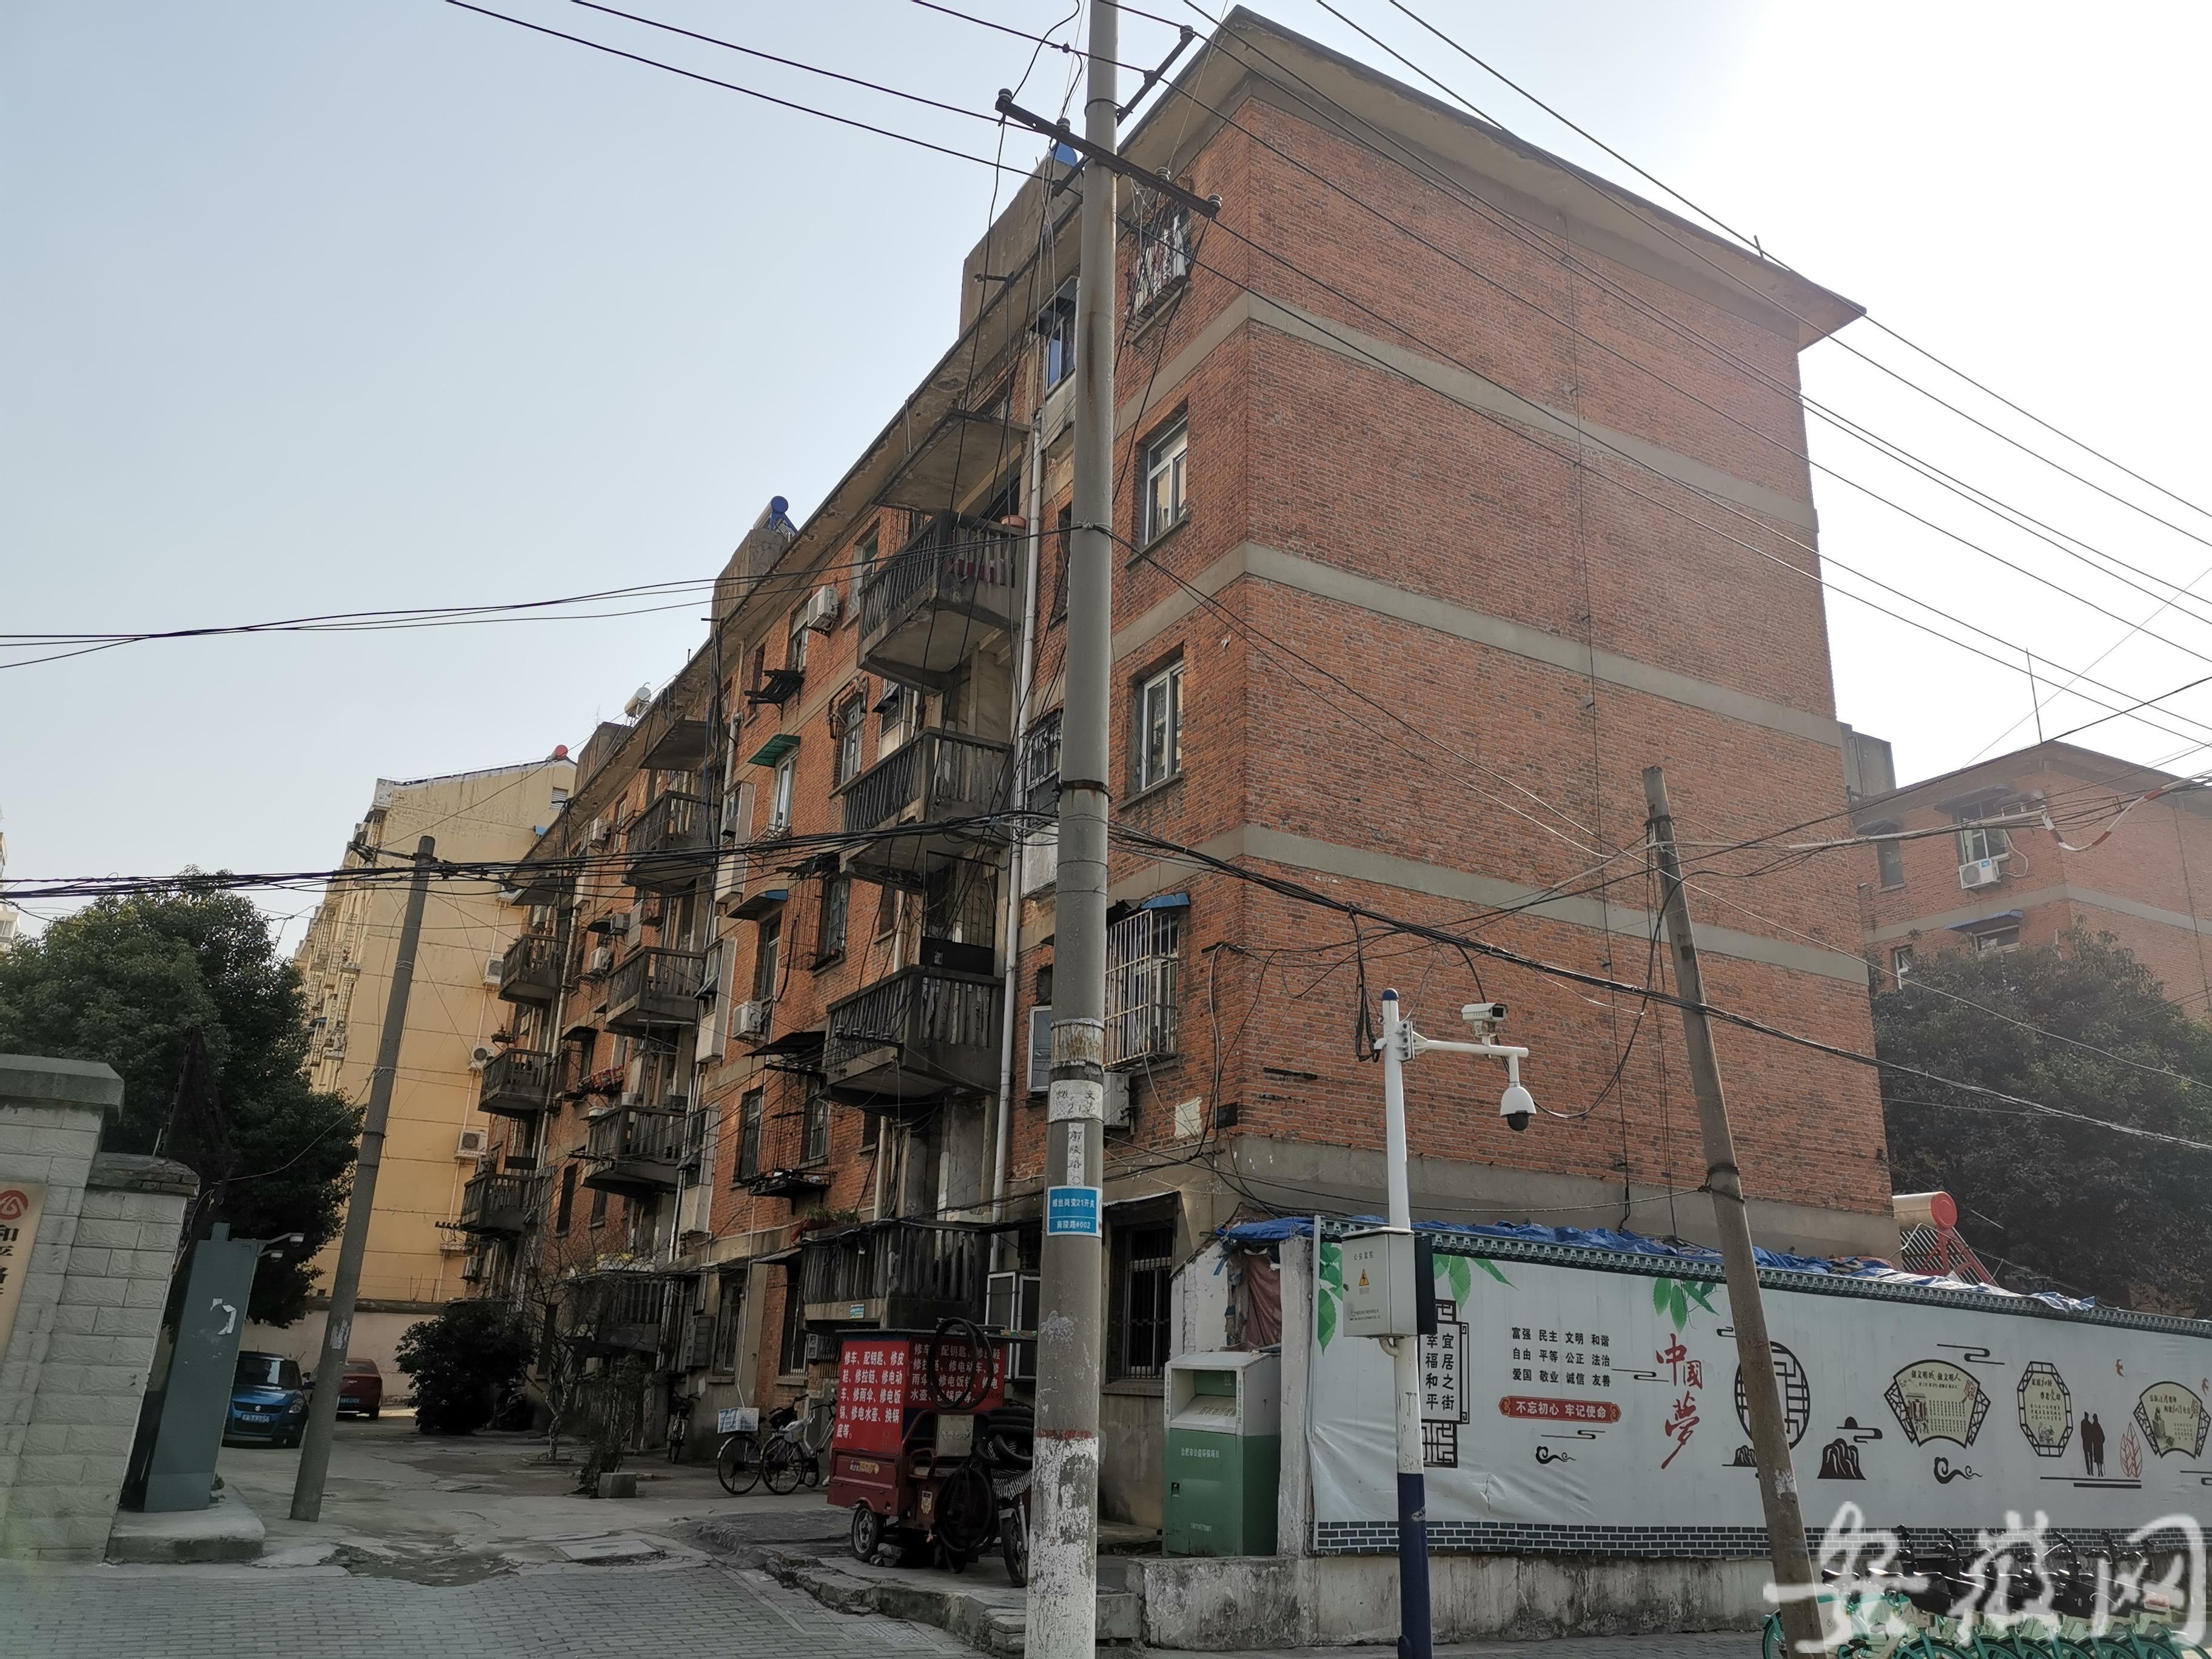 安徽一老旧红楼内现两具男尸,警方已介入调查